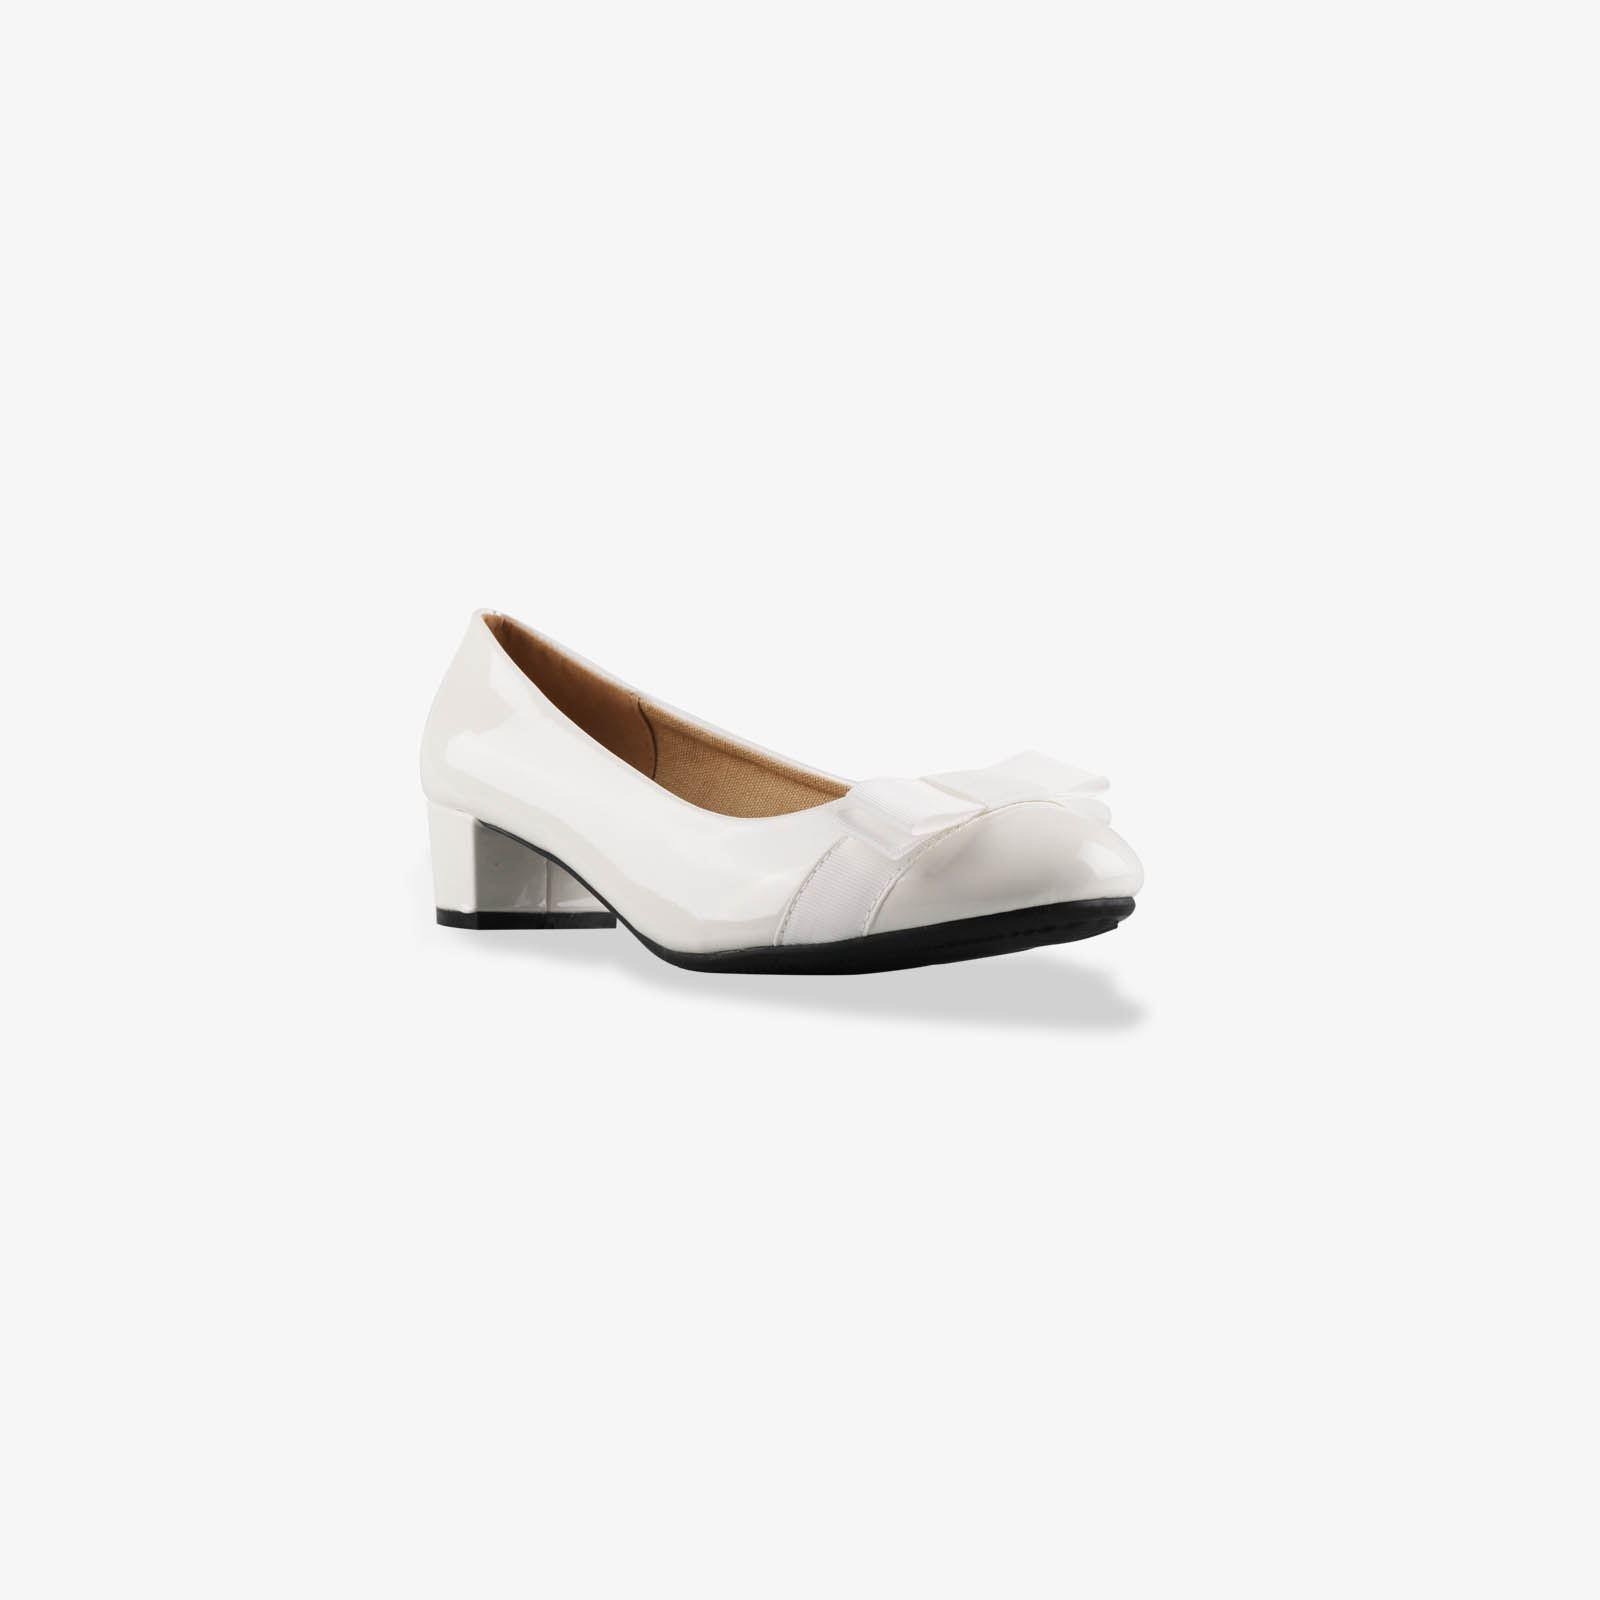 Damen-Elegante-Absatzschuhe-Hochlganz-Pumps-Blockabsatz-Ballerina-Schuhe-Chic Indexbild 29